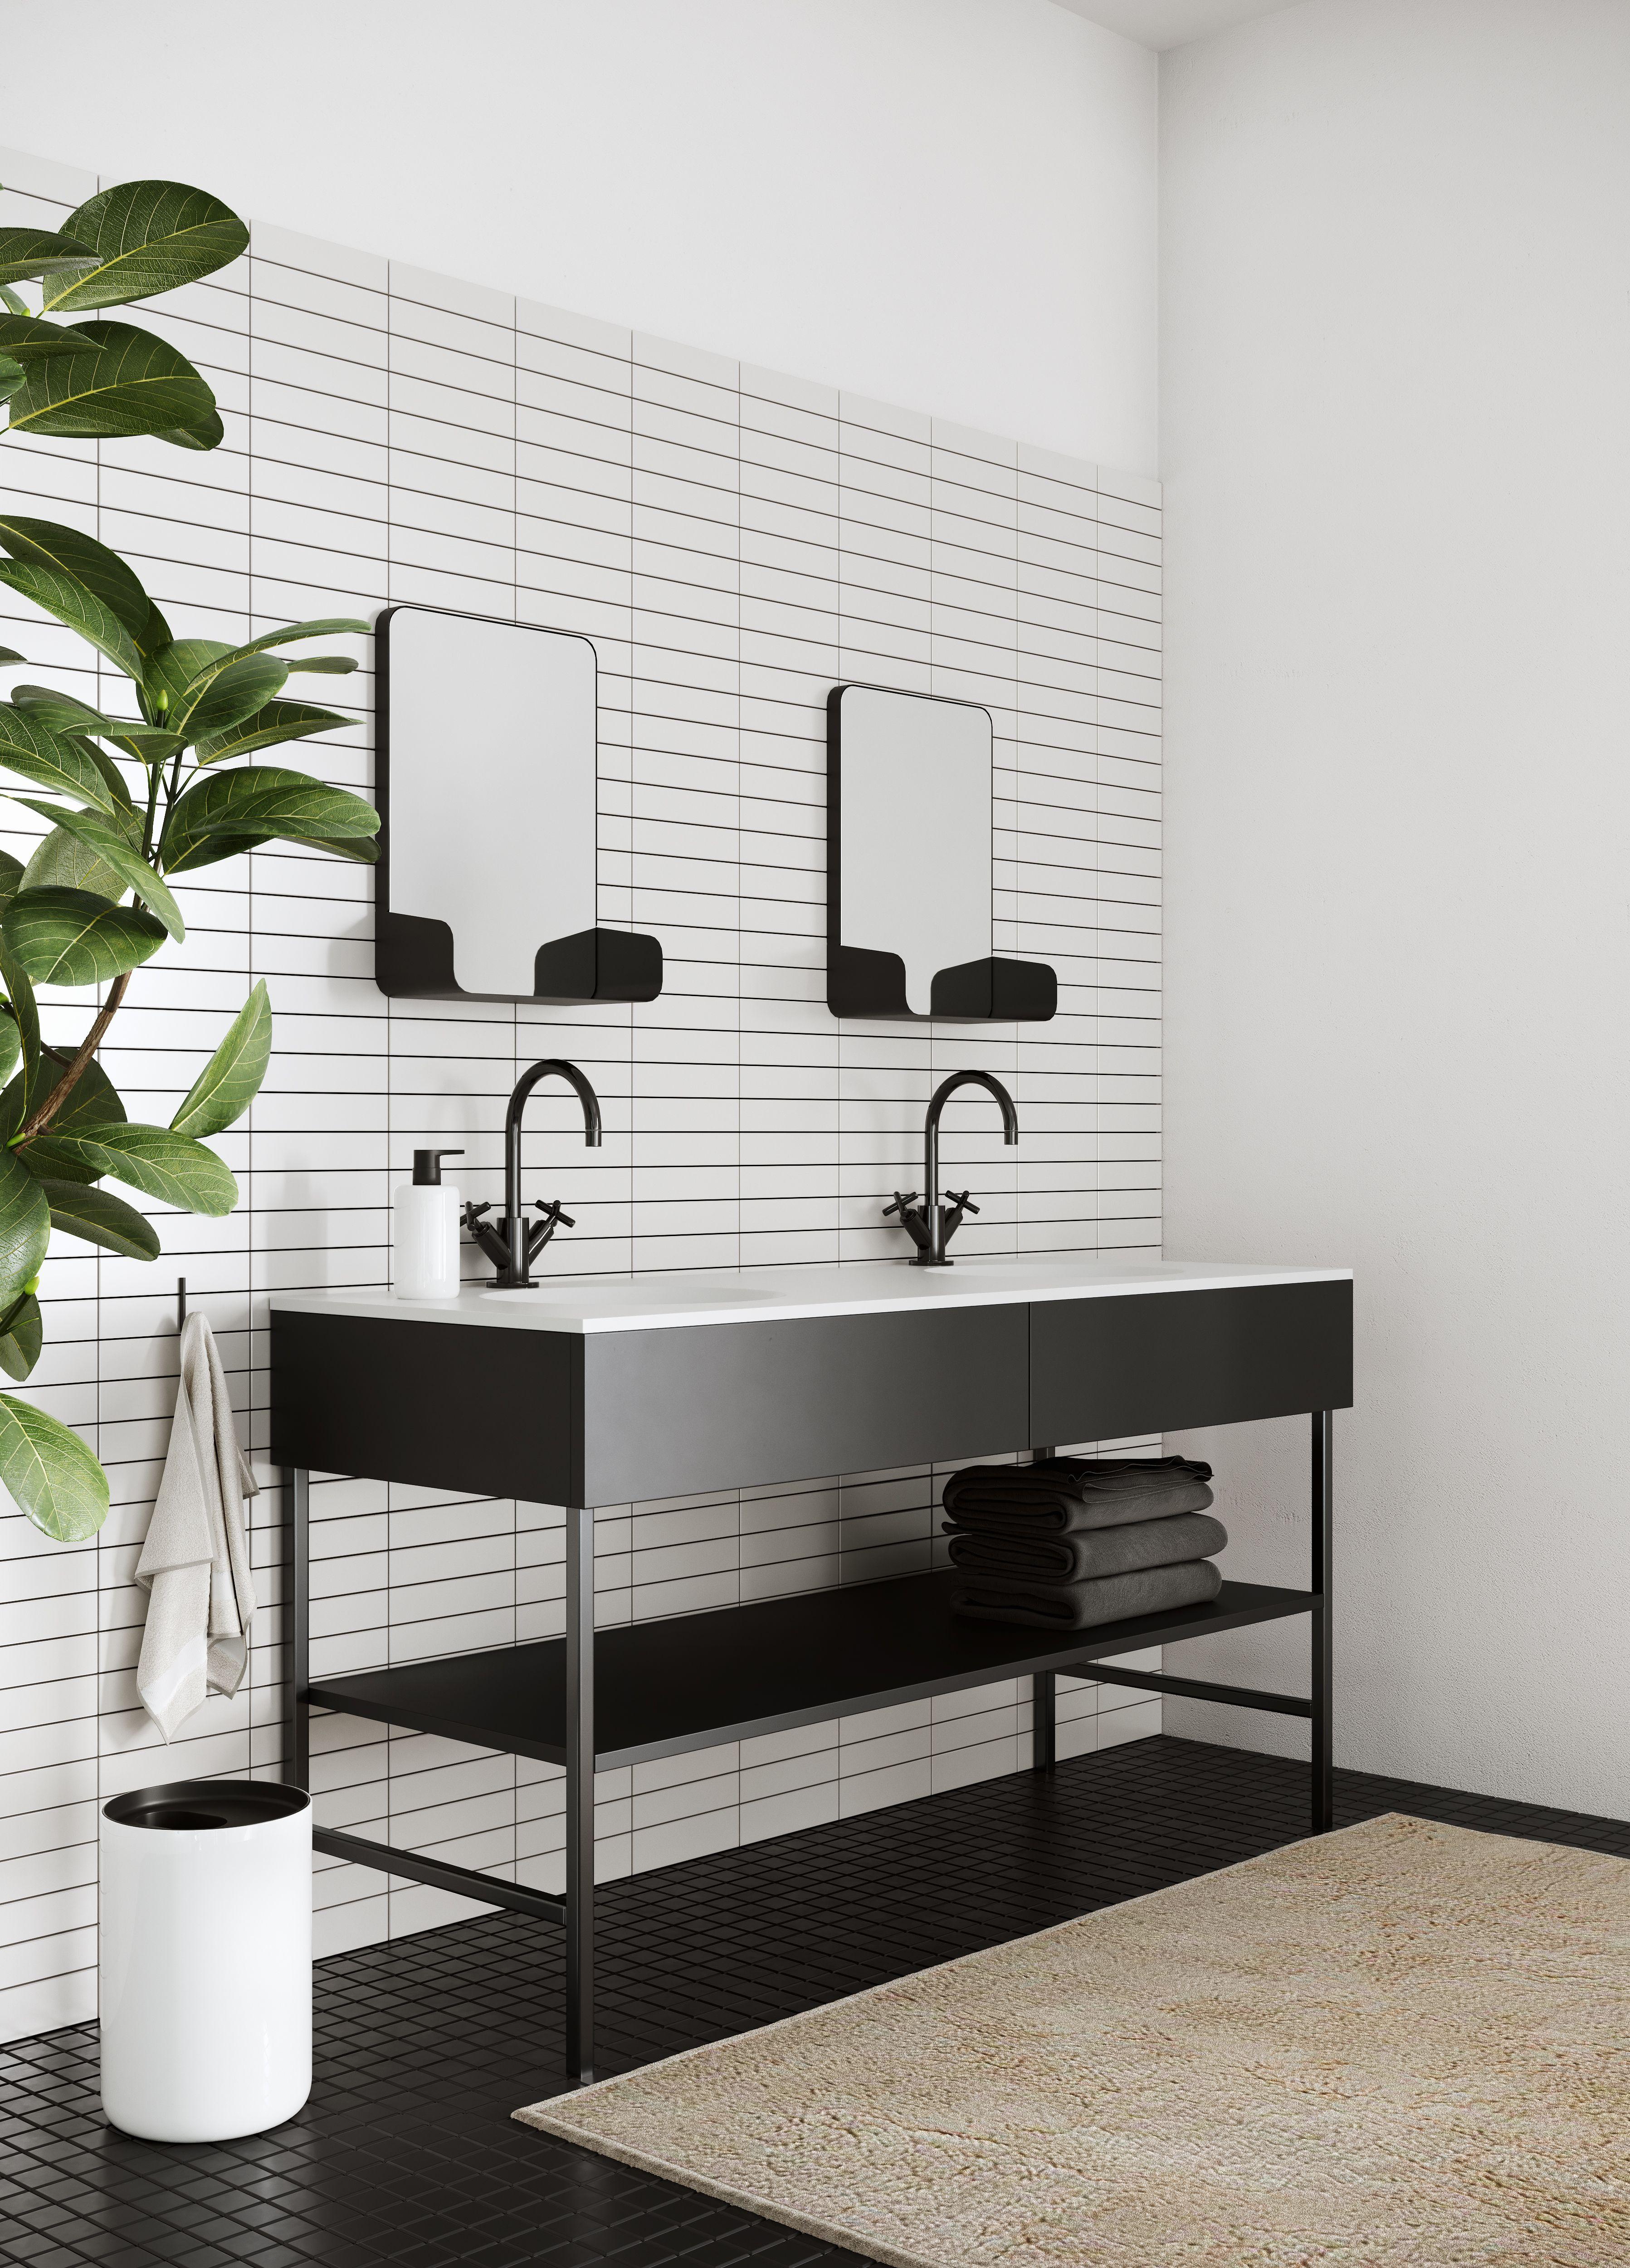 Badezimmer Badezimmereinrichtung Flototto Design Im Bad Waschtisch Spiegel Zuhause Einrichtung Und Design